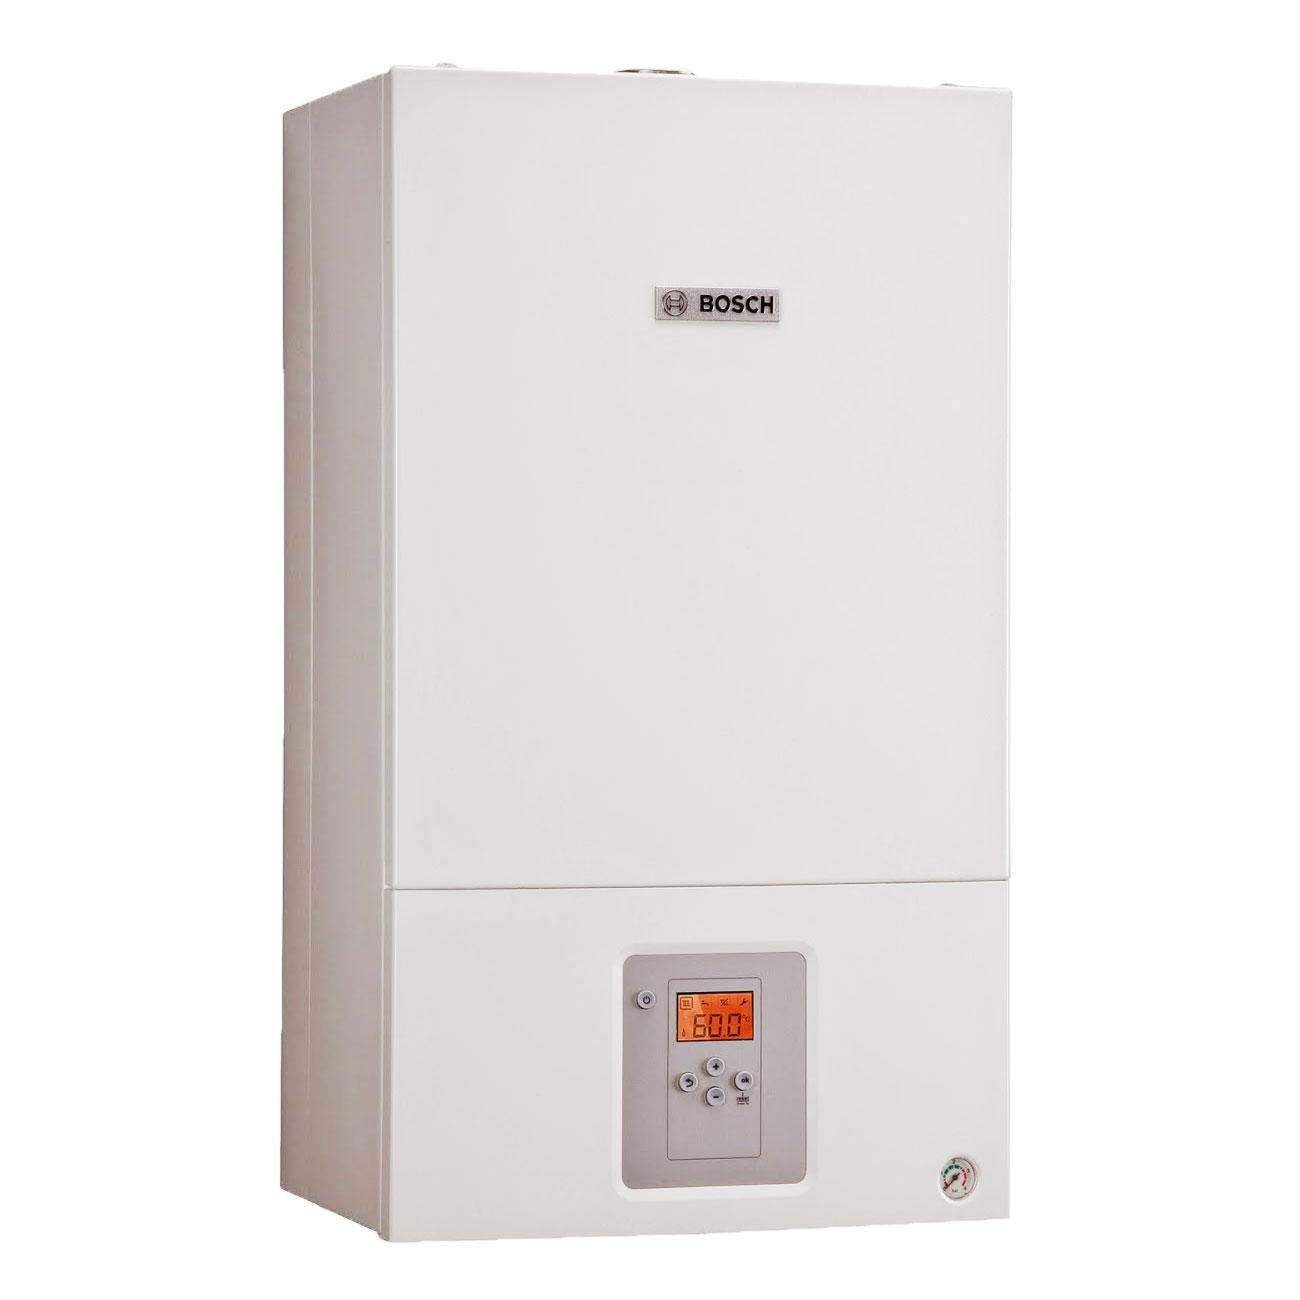 Газовый котел Bosch Gaz WBN 6000 18 CRN купить в Витебске